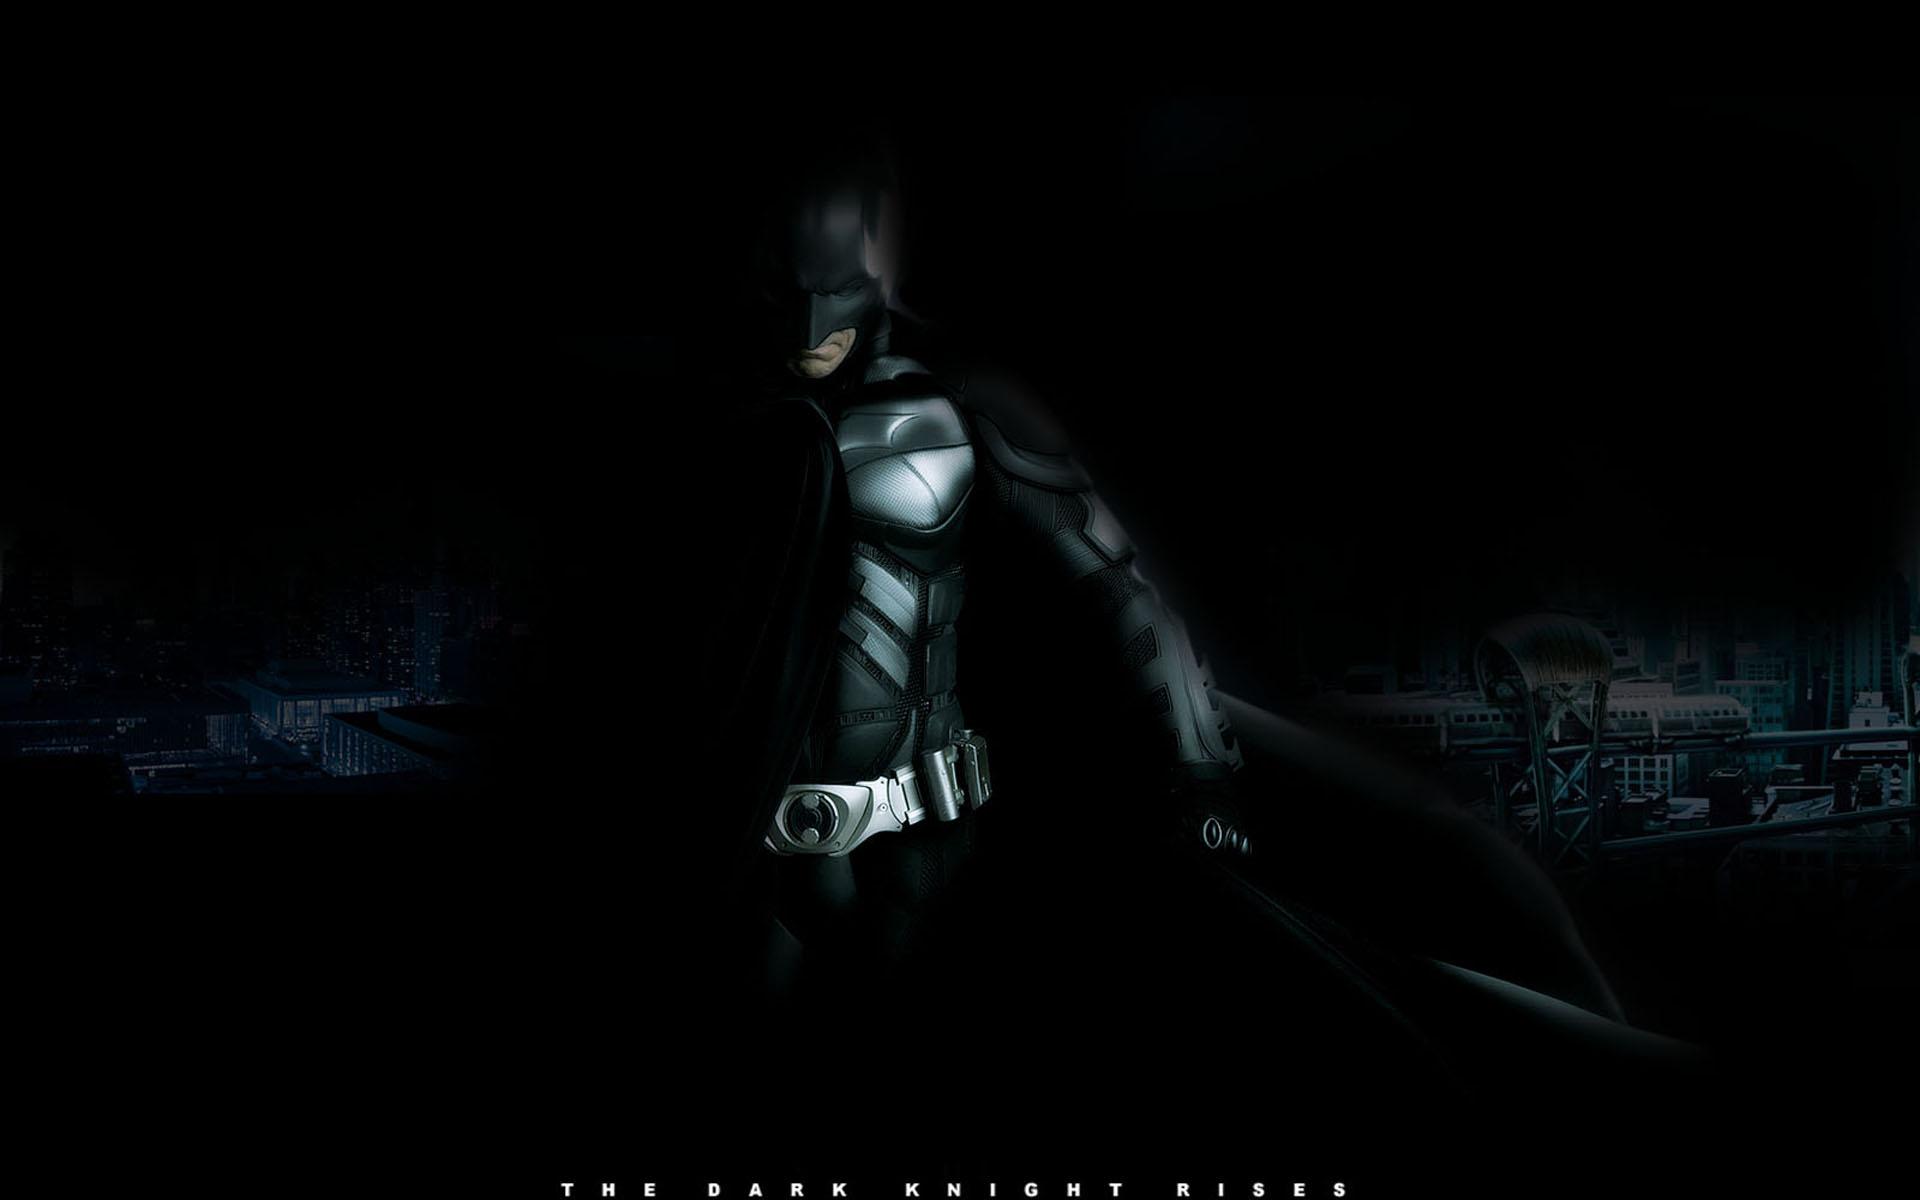 The Dark Knight Rises Fond D Ecran Hd Arriere Plan 1920x1200